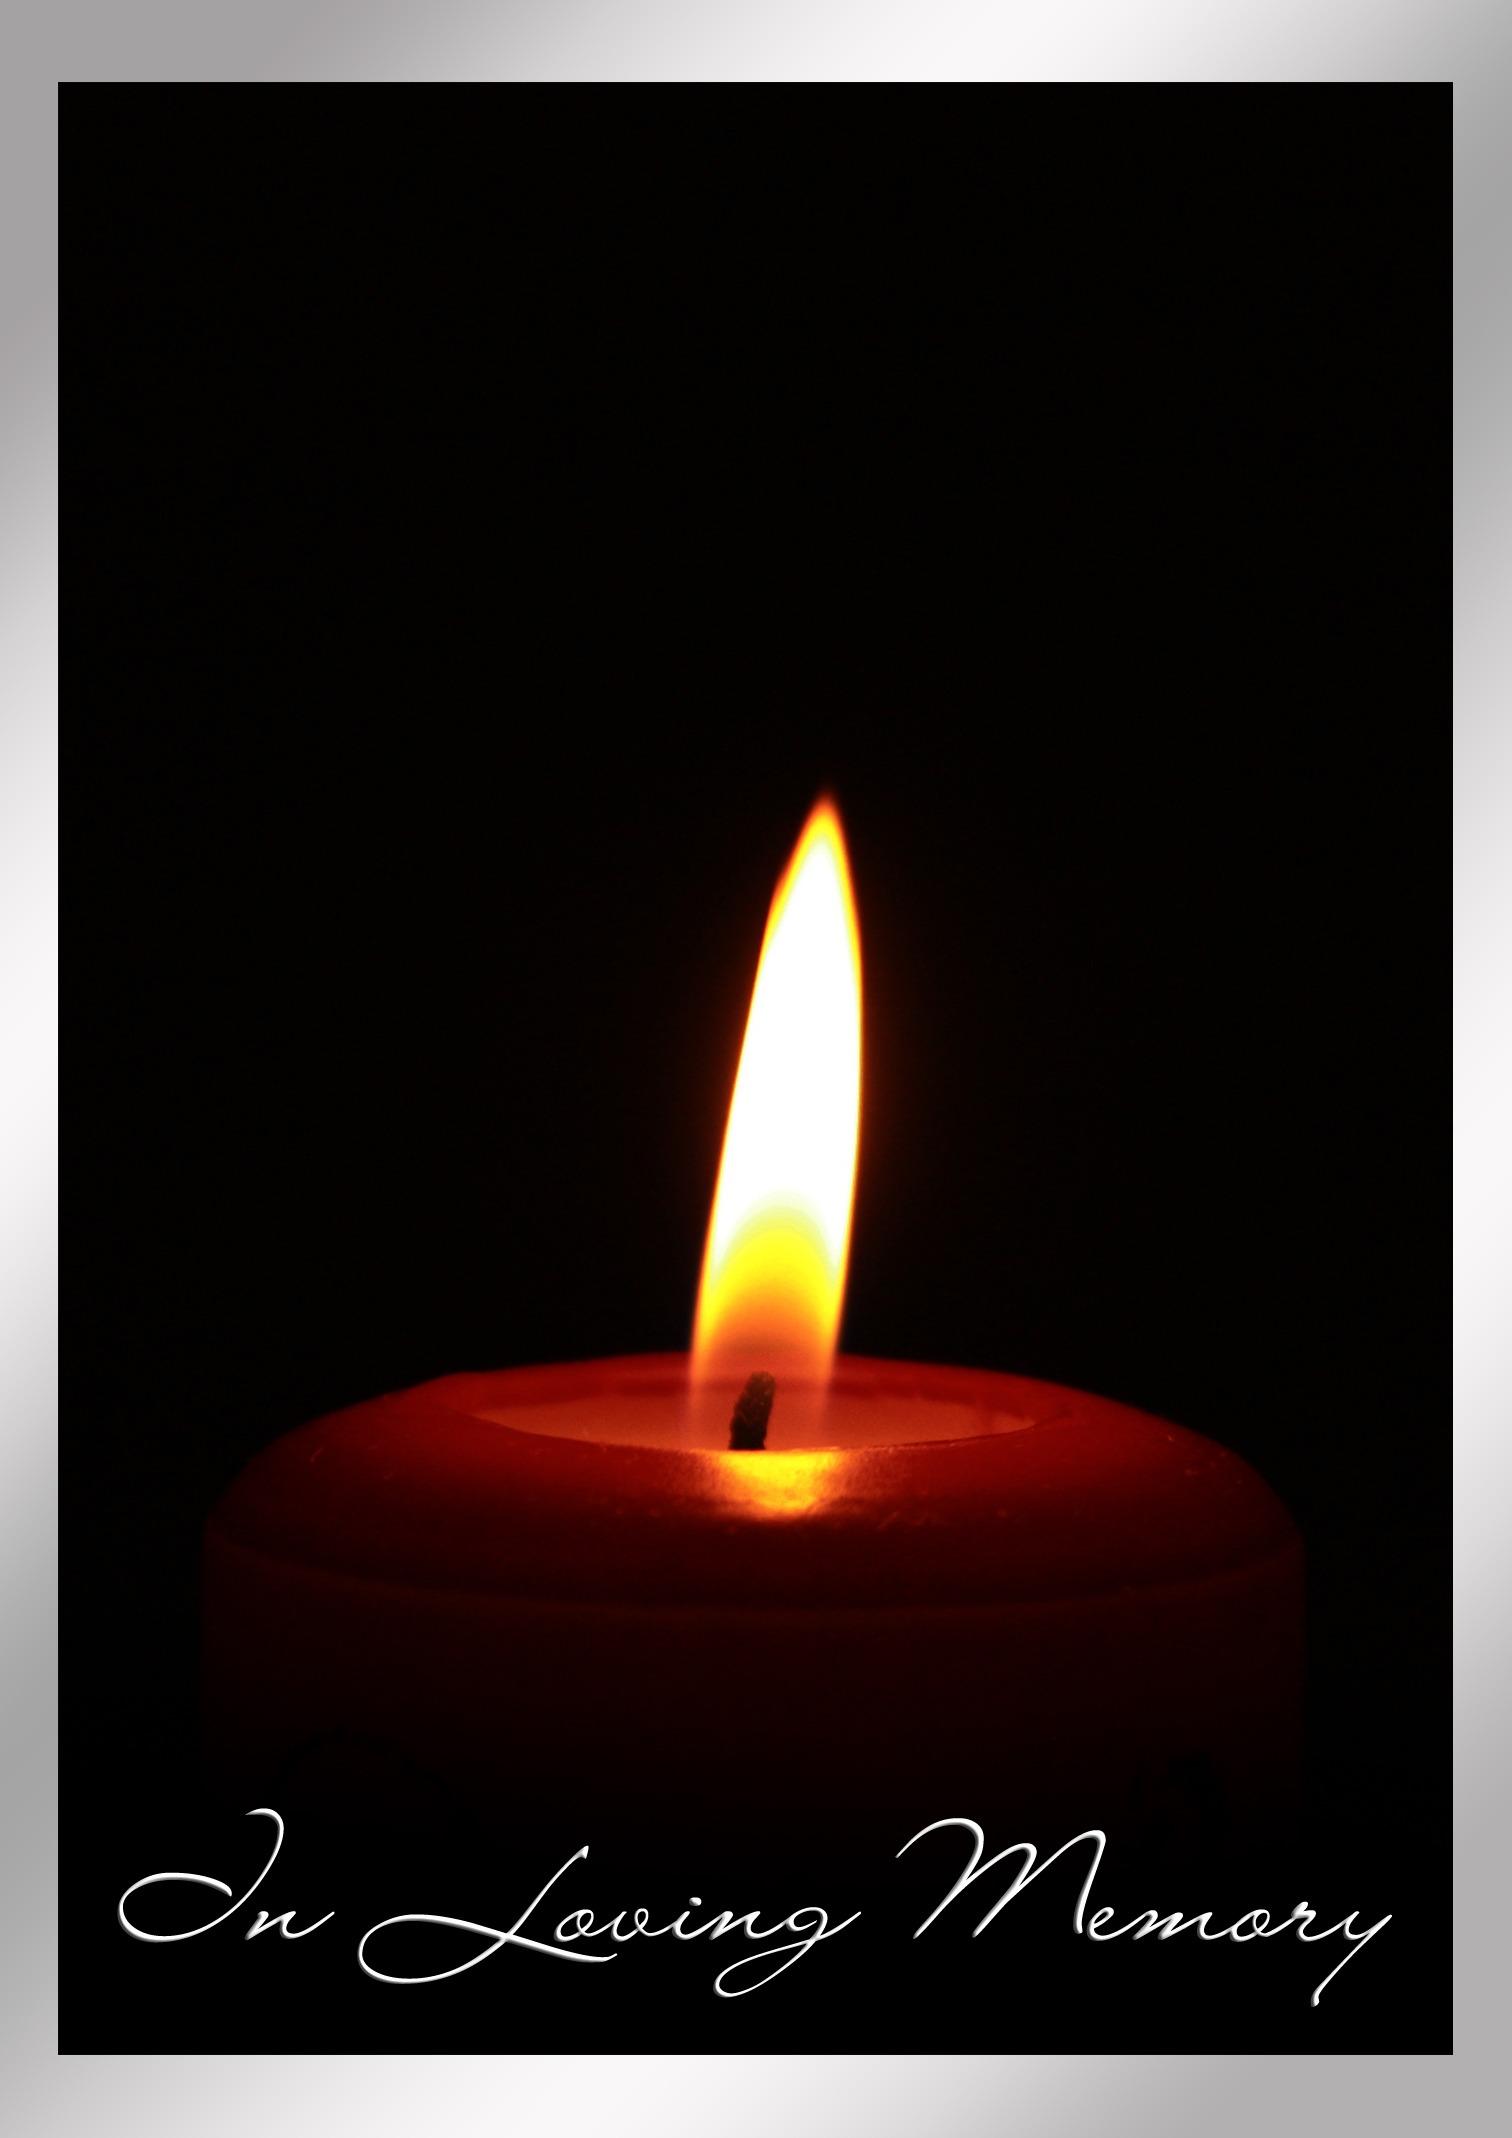 Images Gratuites Lumiere Flamme Memoire Deces Bougie Eclairage Decor Carte Pour Toujours Commemorer Douleur Mourir Condoleances Deuil En Disant Funerailles Obliger Consolation Trauerkarte 1512x2138 1006571 Banque D Image